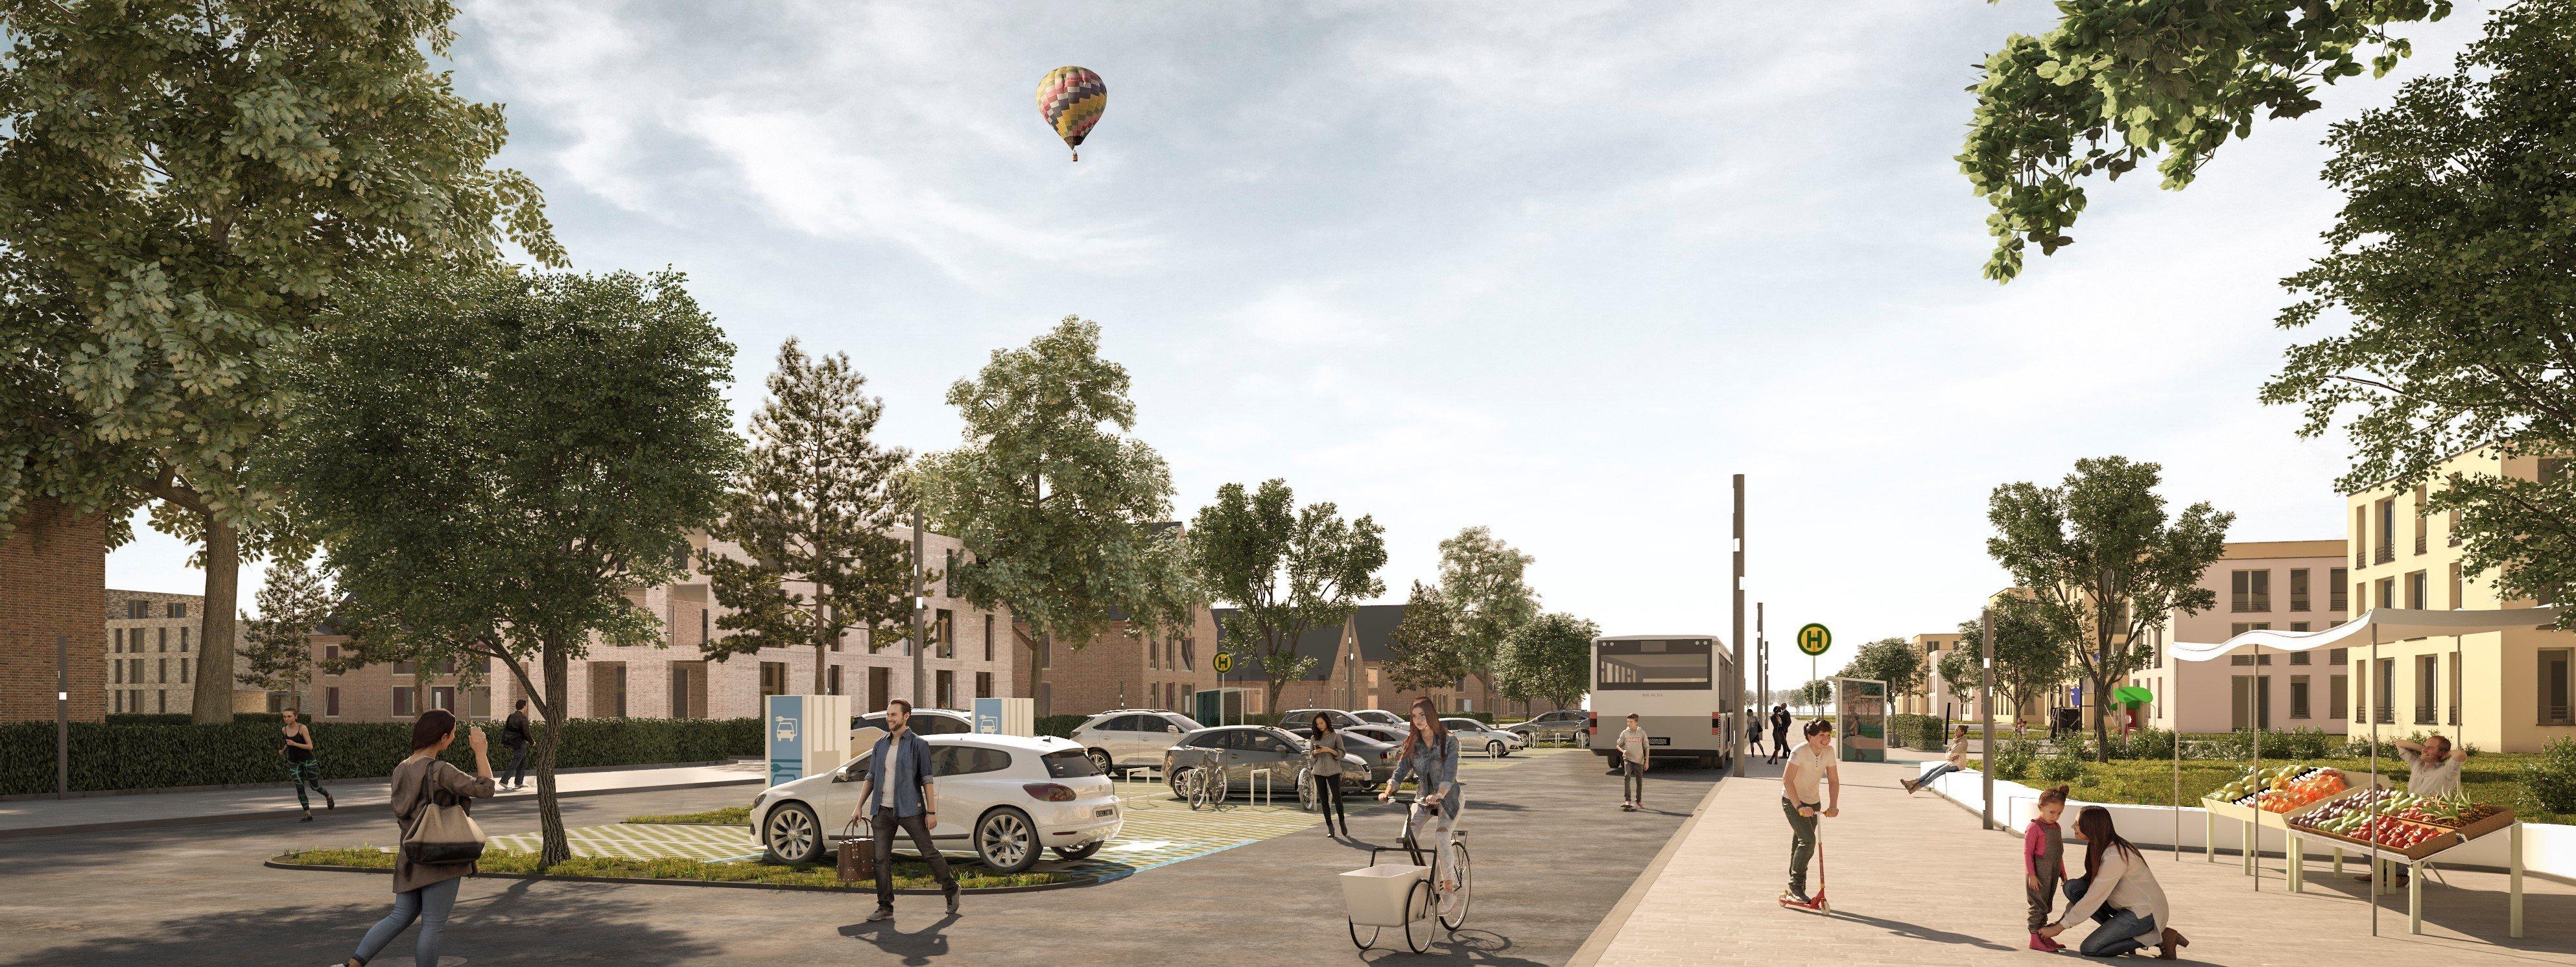 Busse, Parkplätze mit Elektro-Ladestationen und natürlich Fahrräder: Mobilität soll in den beiden neuen Quartieren möglichst klimafreundlich sein. Animation: avpgroup.